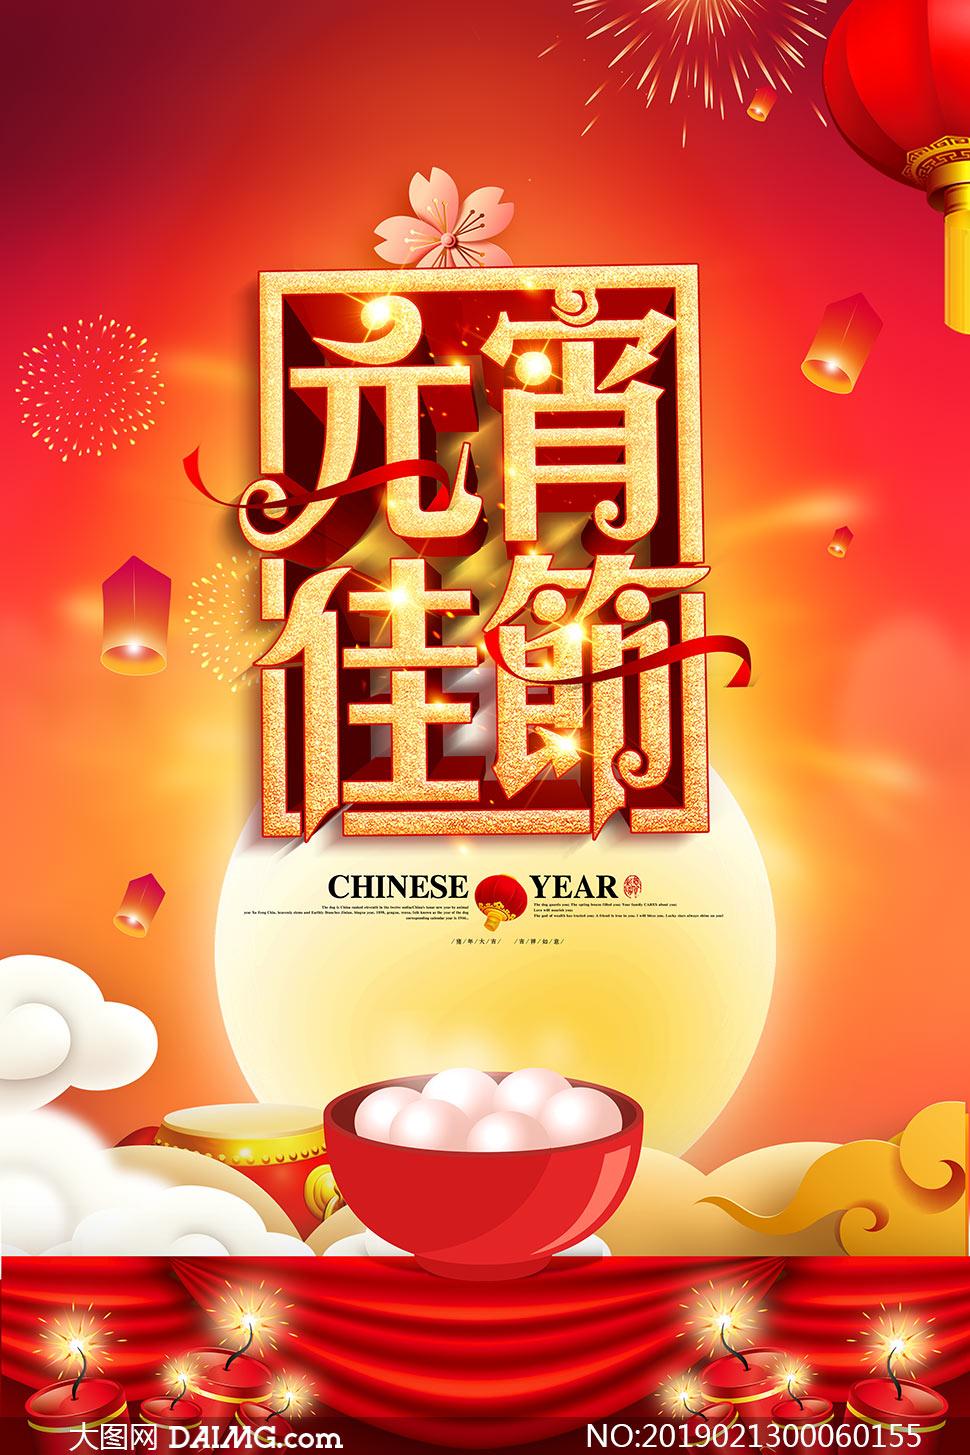 元宵节喜庆宣传海报设计psd素材 - 大图网素材daimg.图片